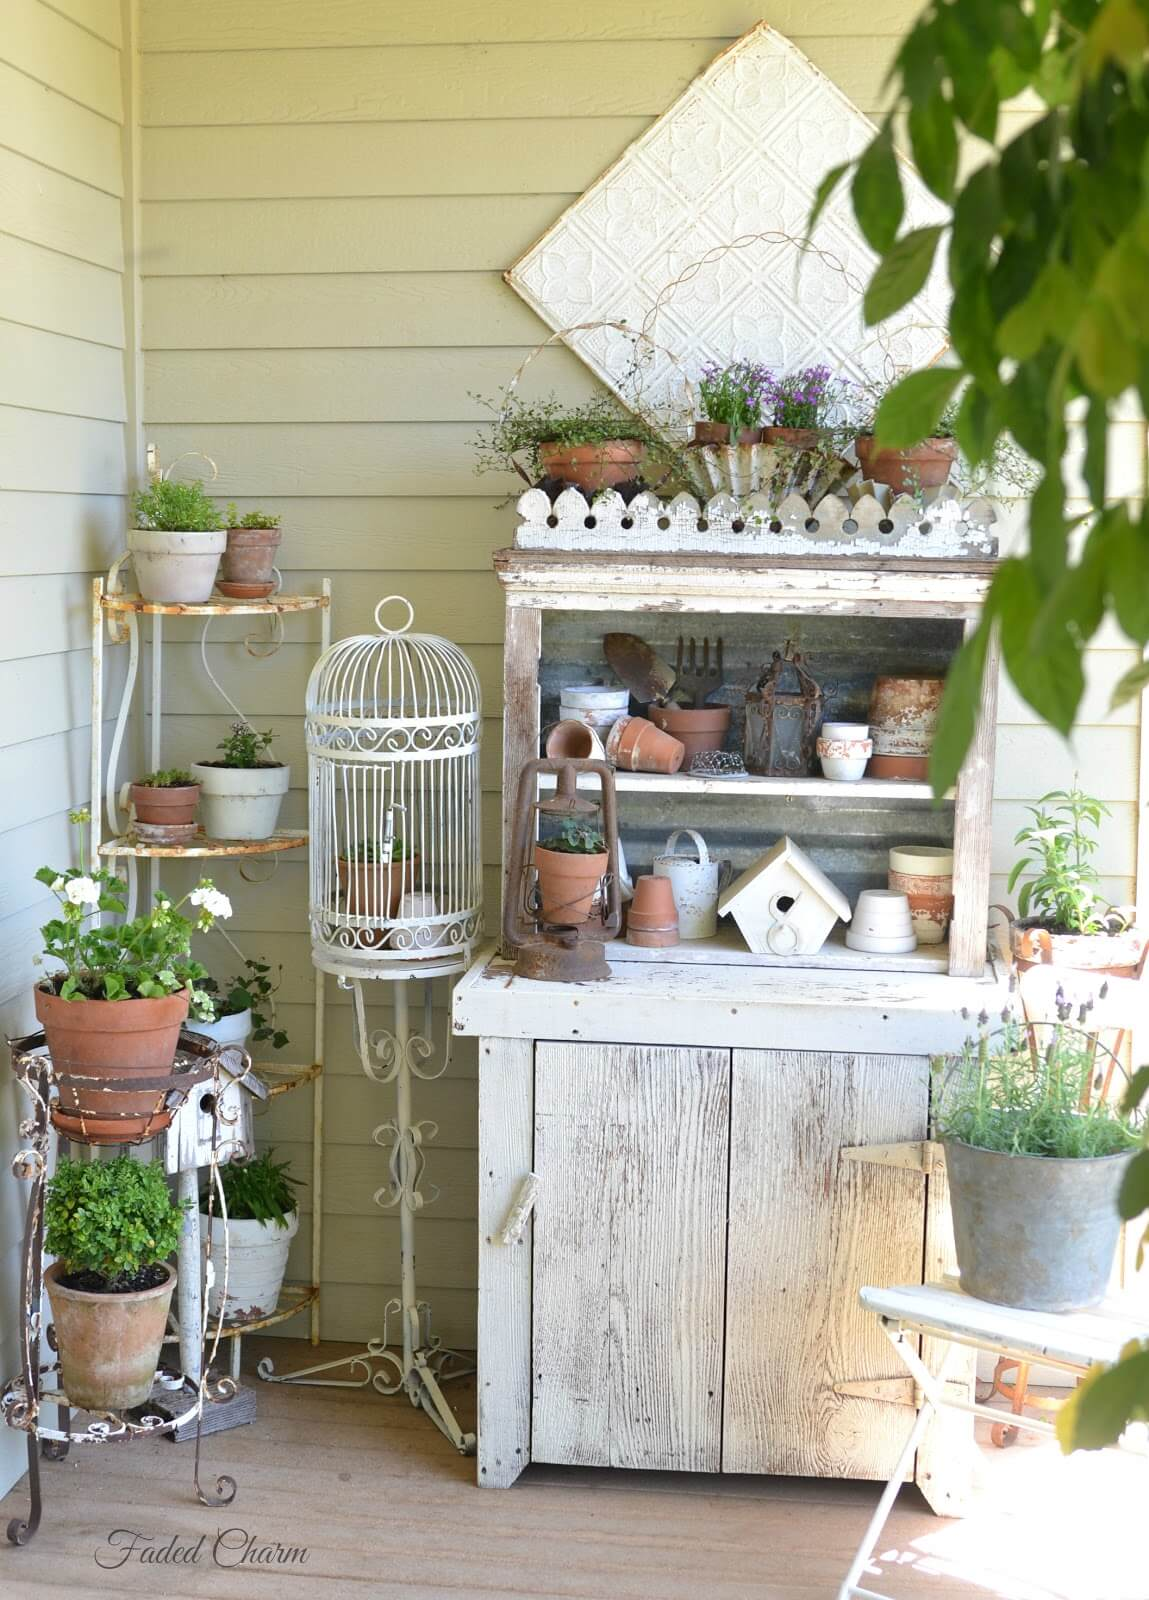 Shabby Chic Gardener's Dream Summer Porch Workspace